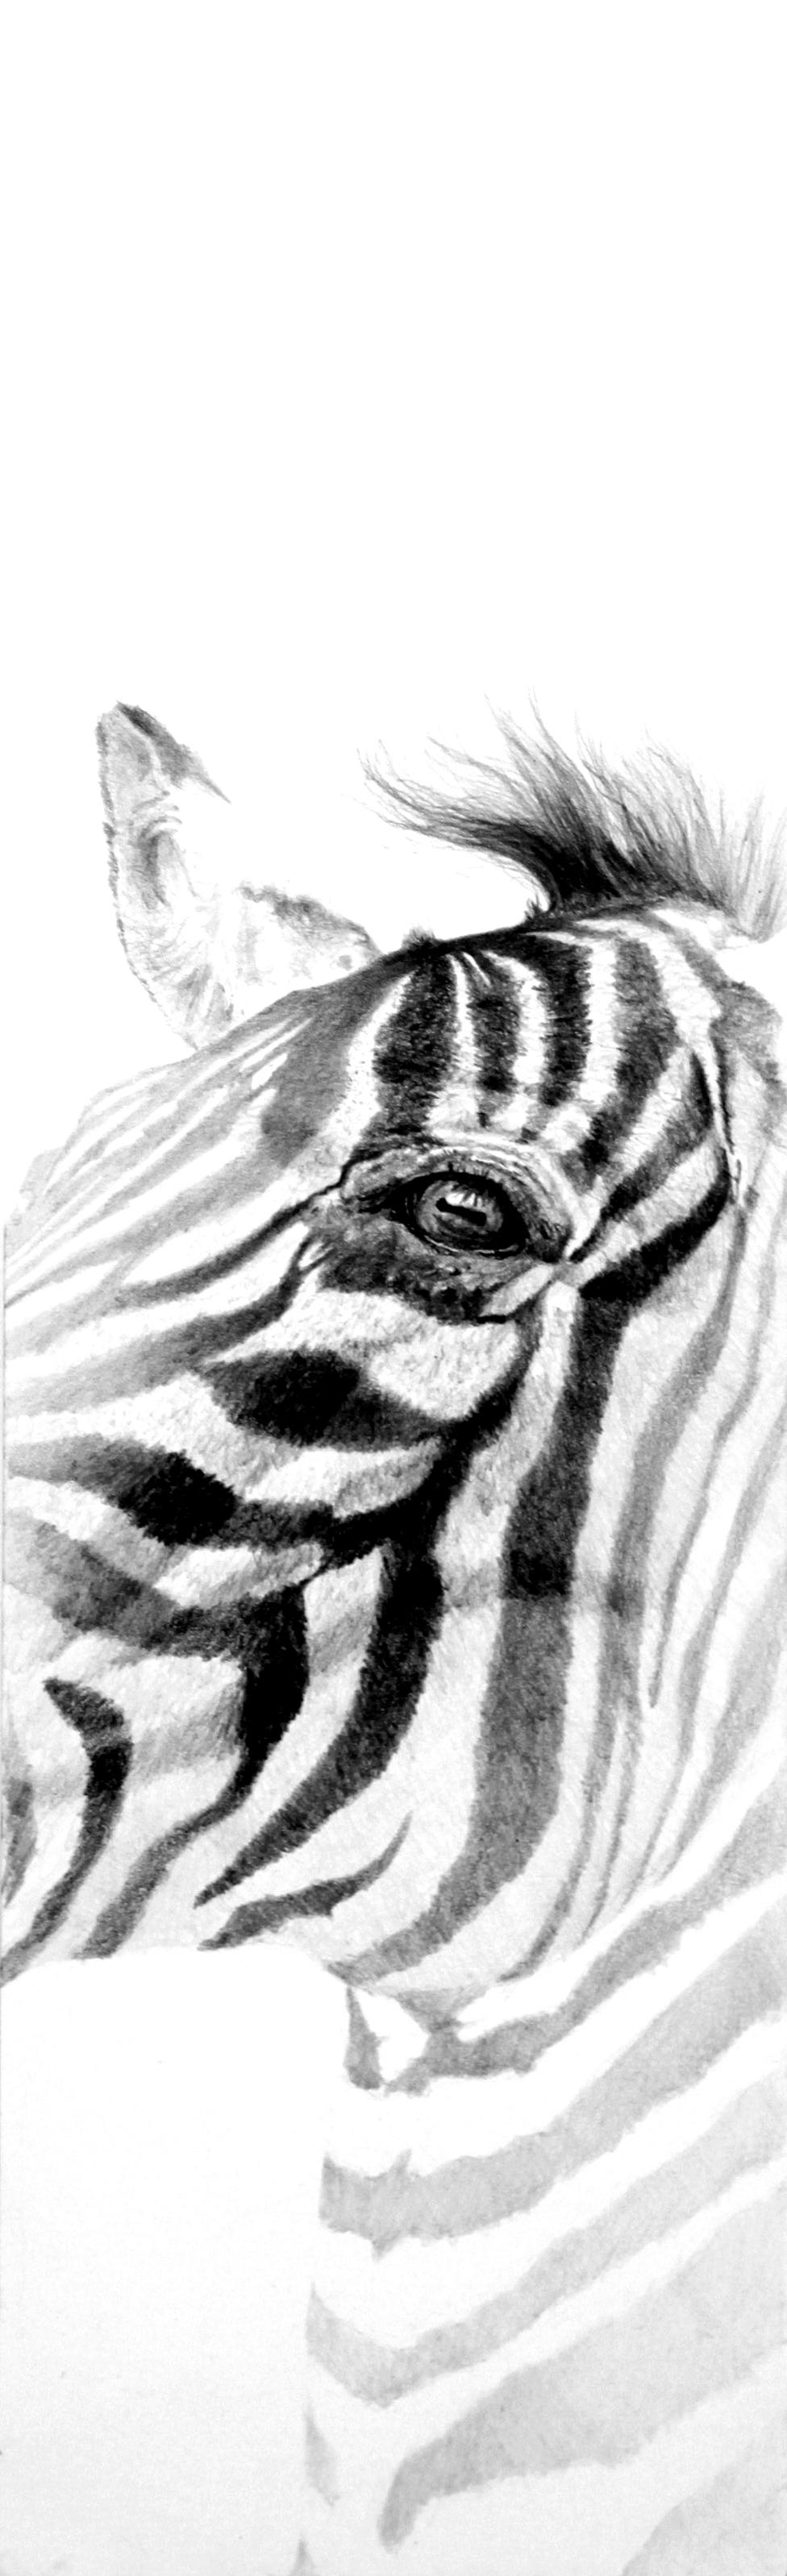 """Zebra """"Stripes always be the same"""""""